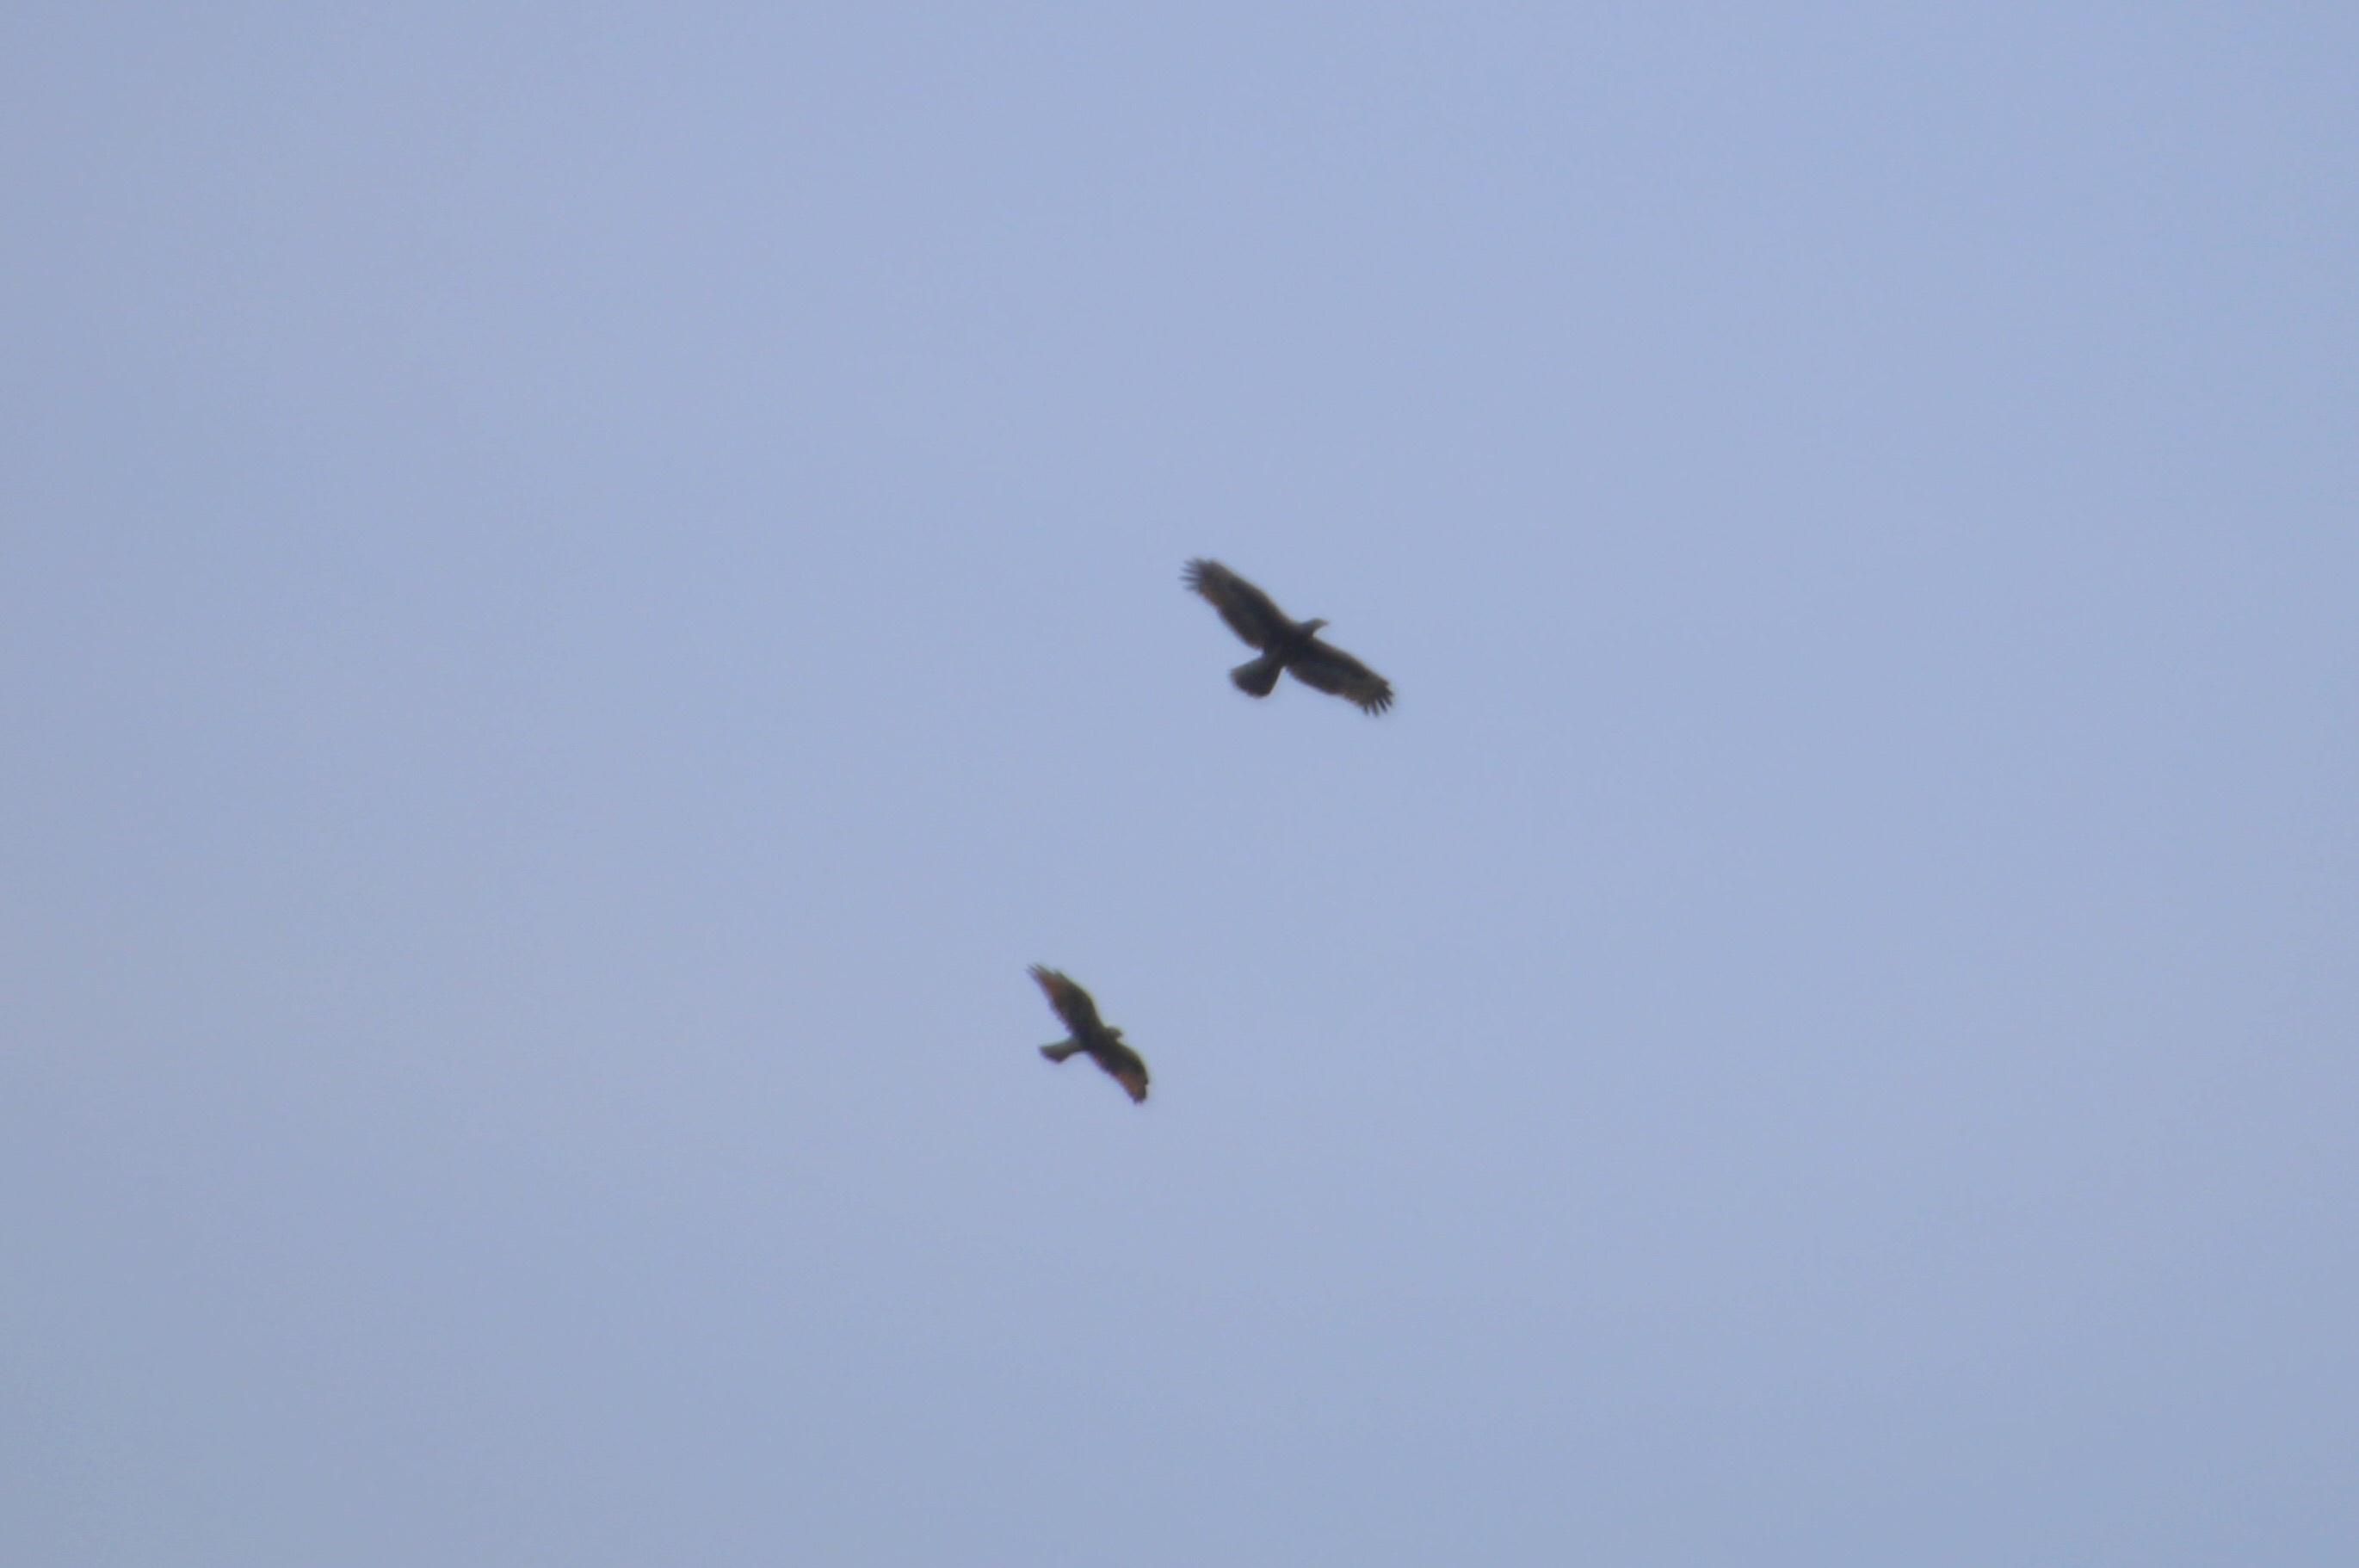 2015.9.15 秋風に遊ぶ・矢倉岳・サシバ他(The hawk is idle for autumn wind)_c0269342_20044148.jpg